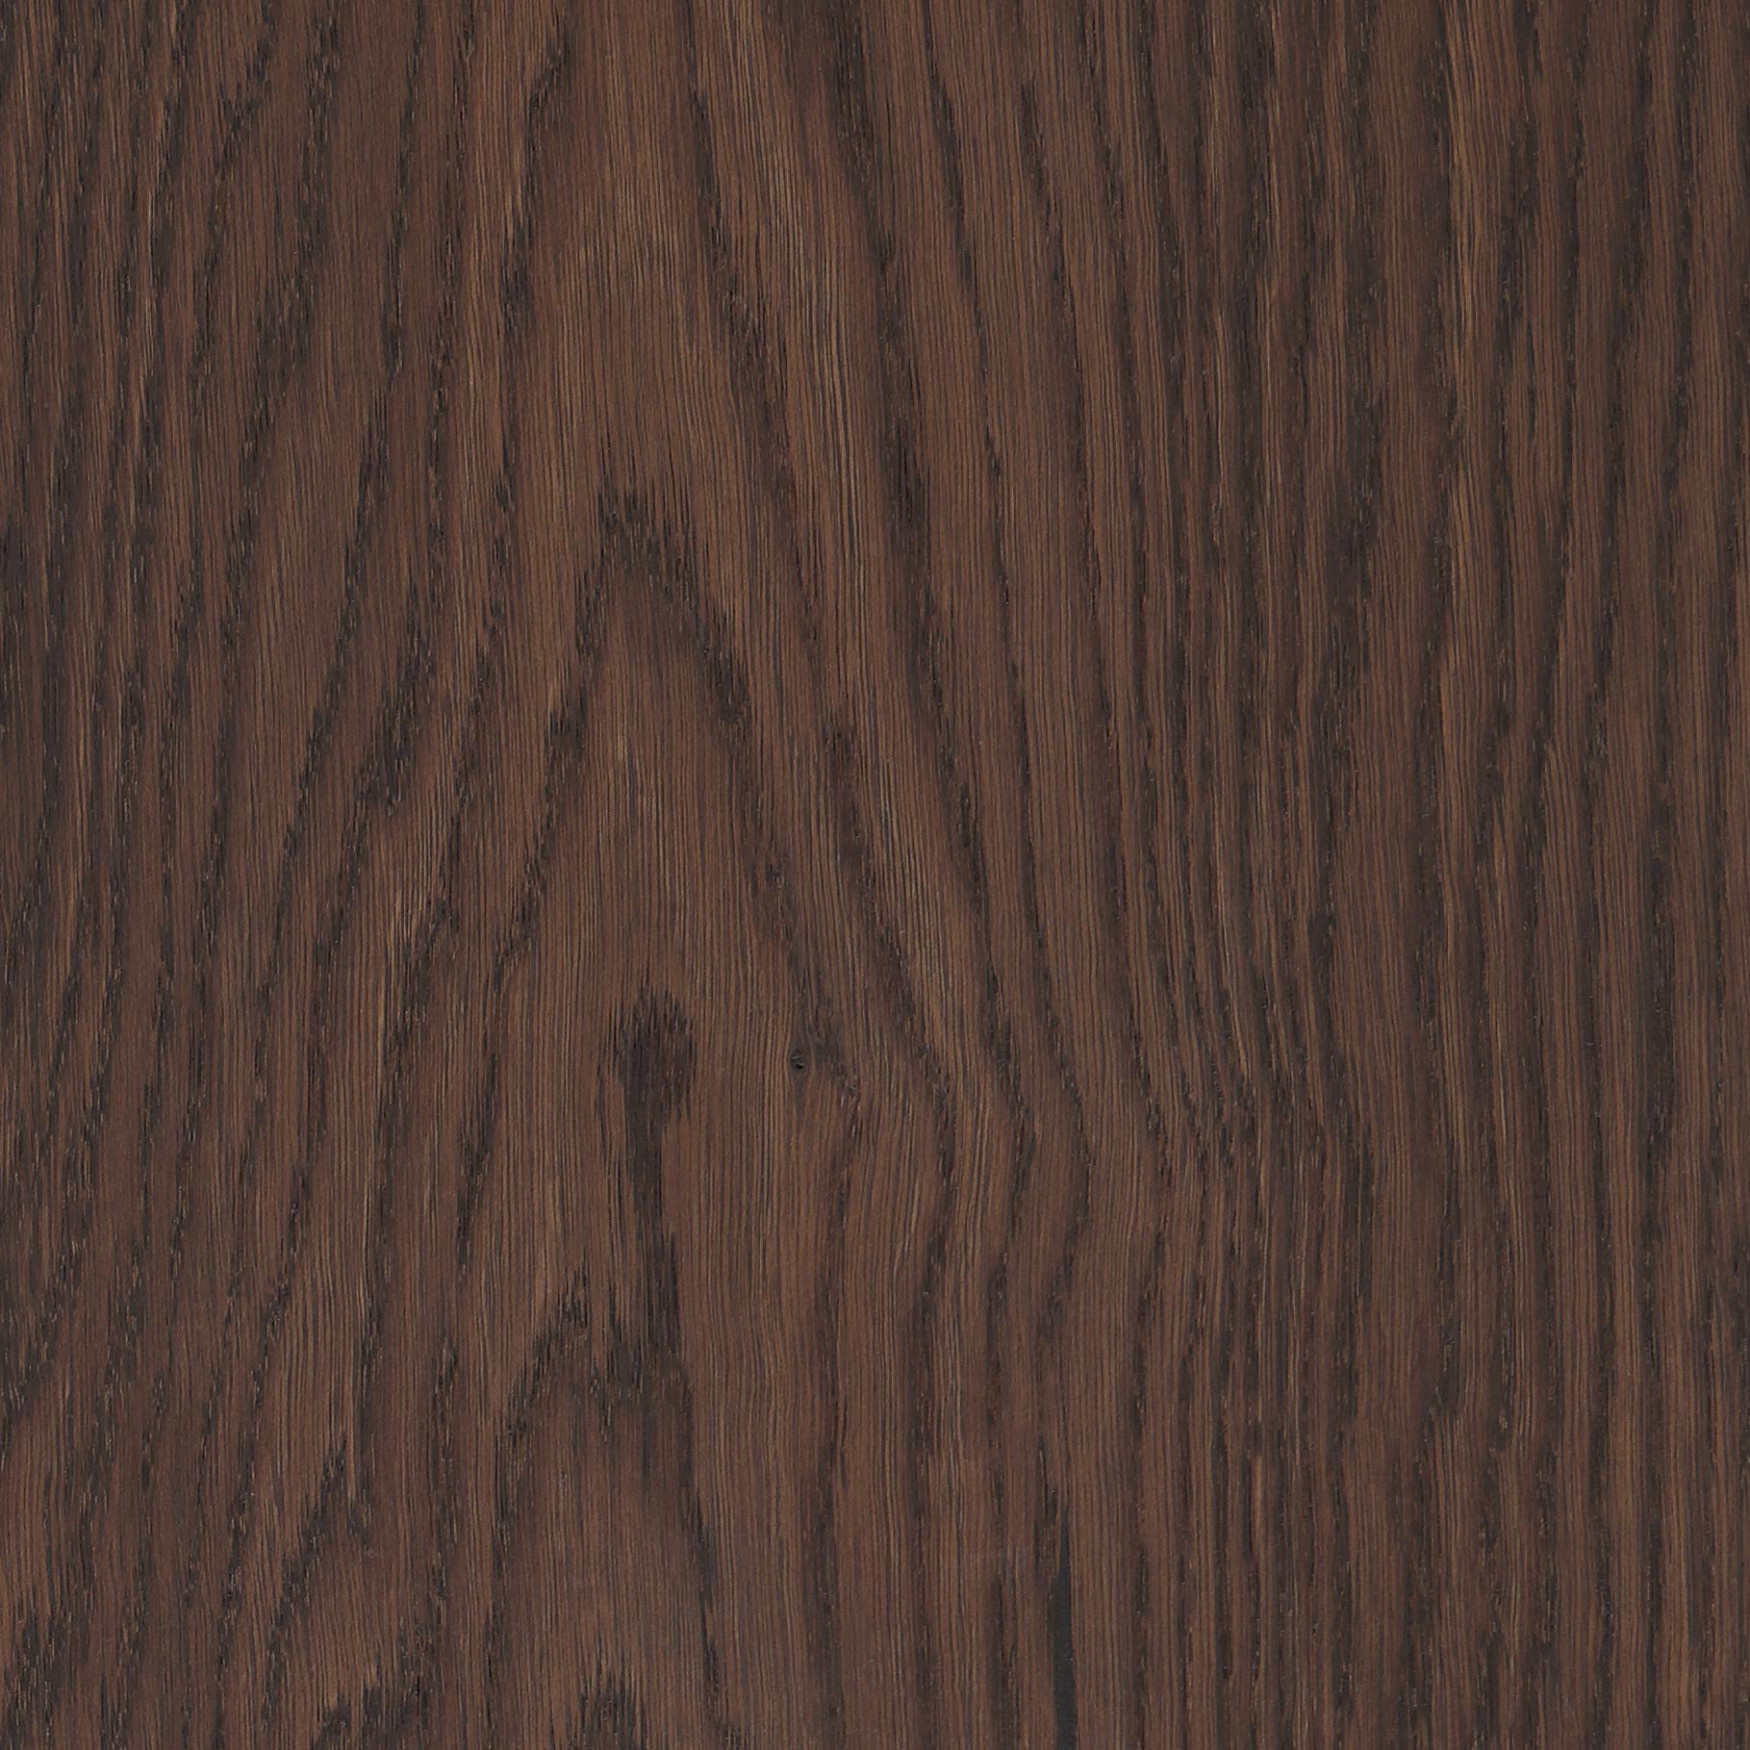 Element7-wide-plank-samples-AJ_562_544_FiredOak-v2